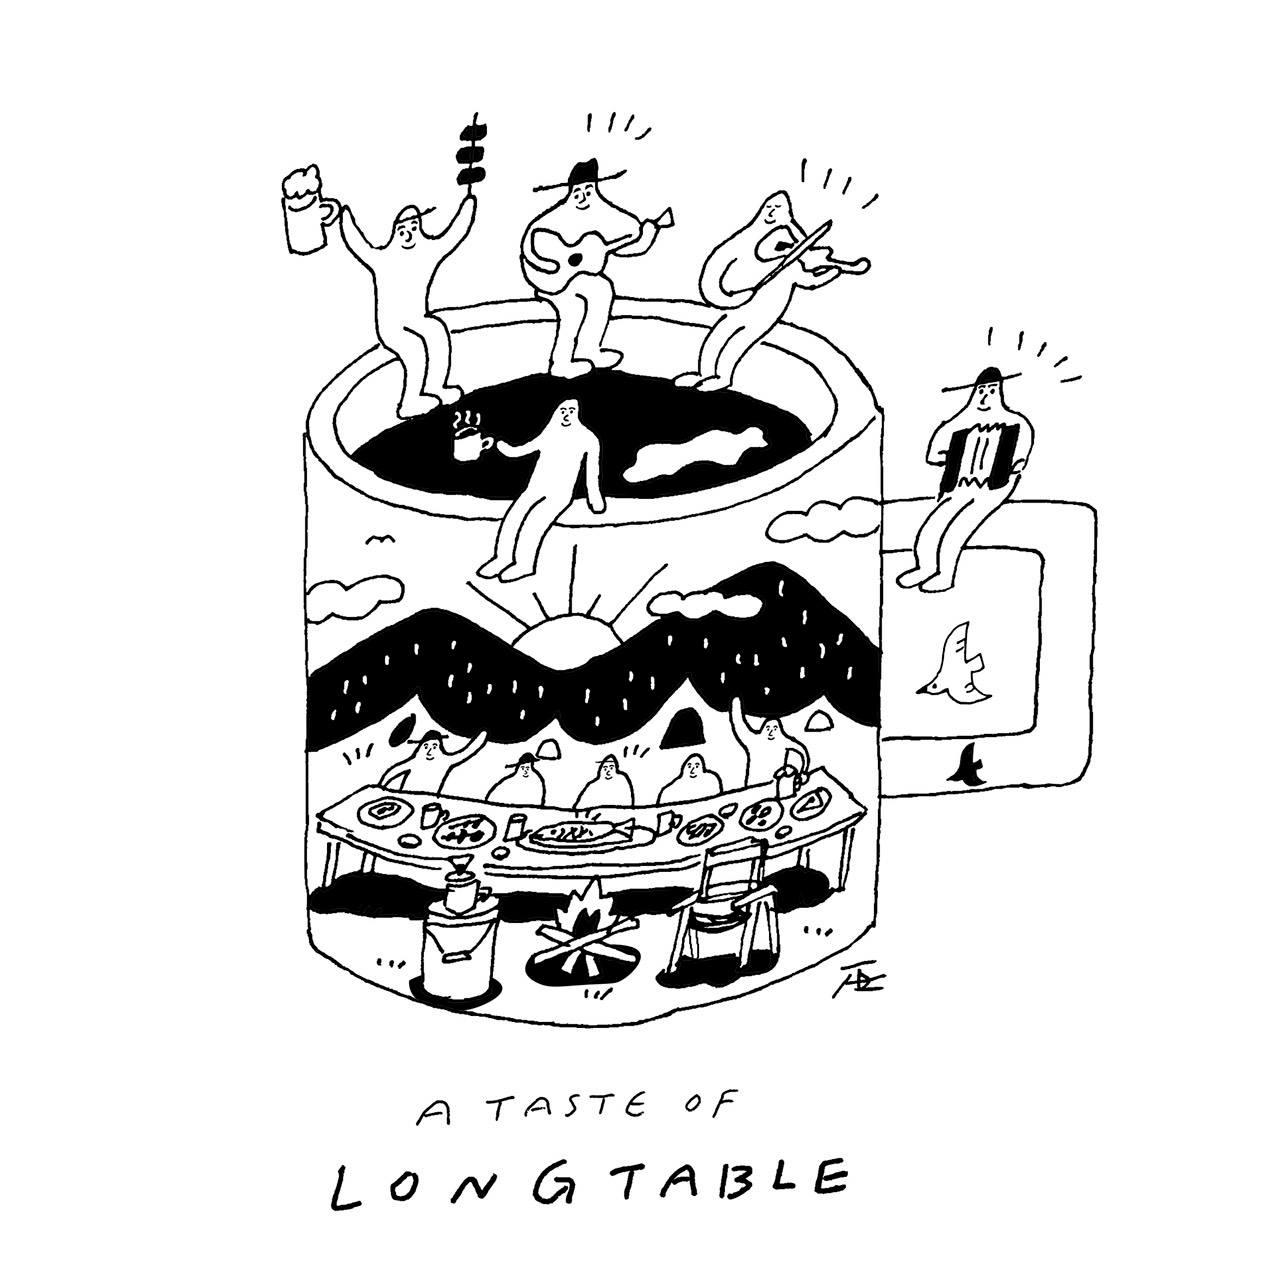 A Taste of Longtable